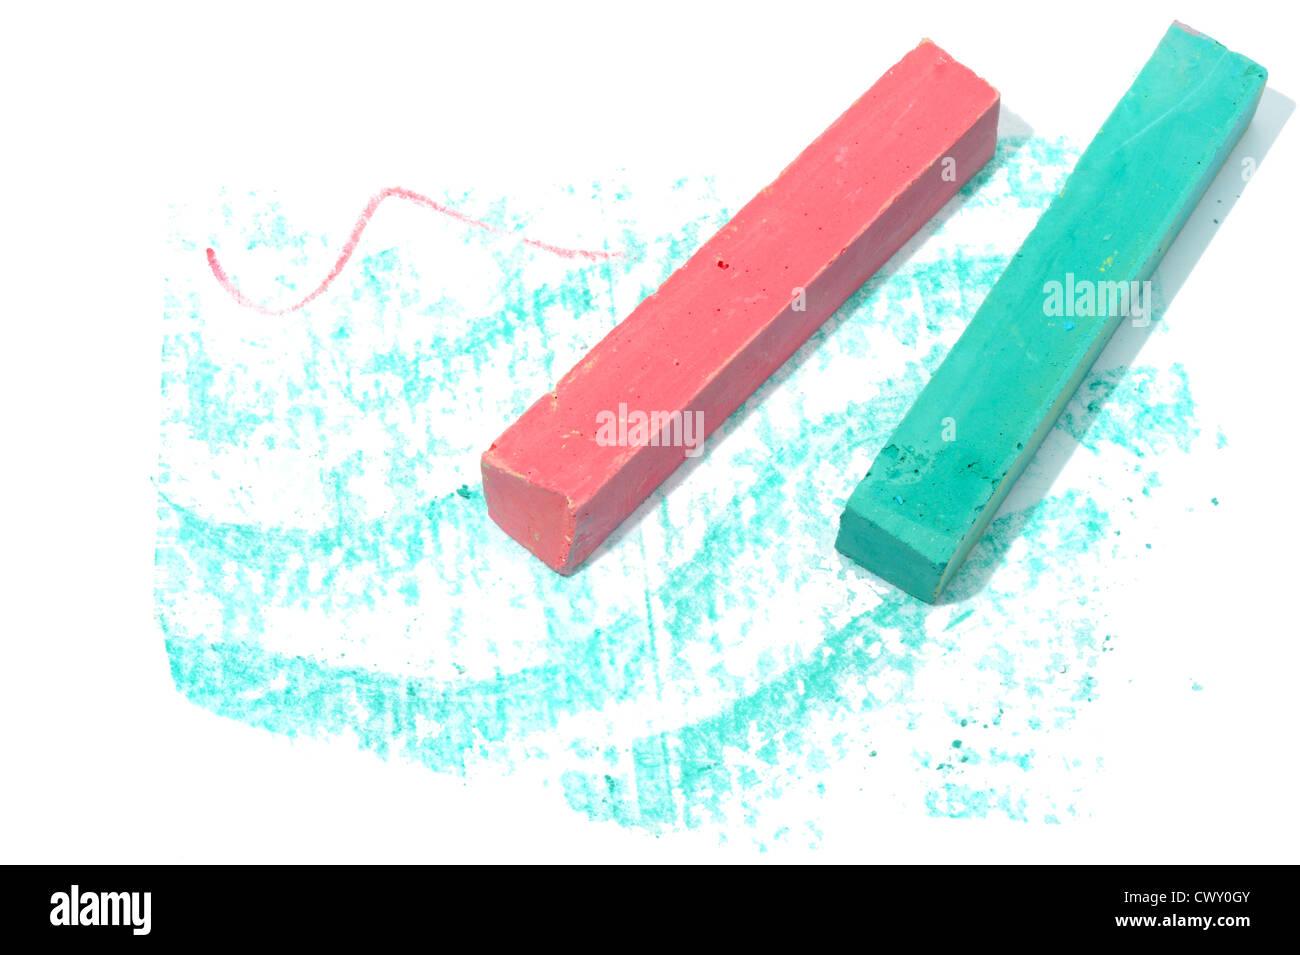 Crayon de couleur craie sur un fond blanc isolé. Photo Stock